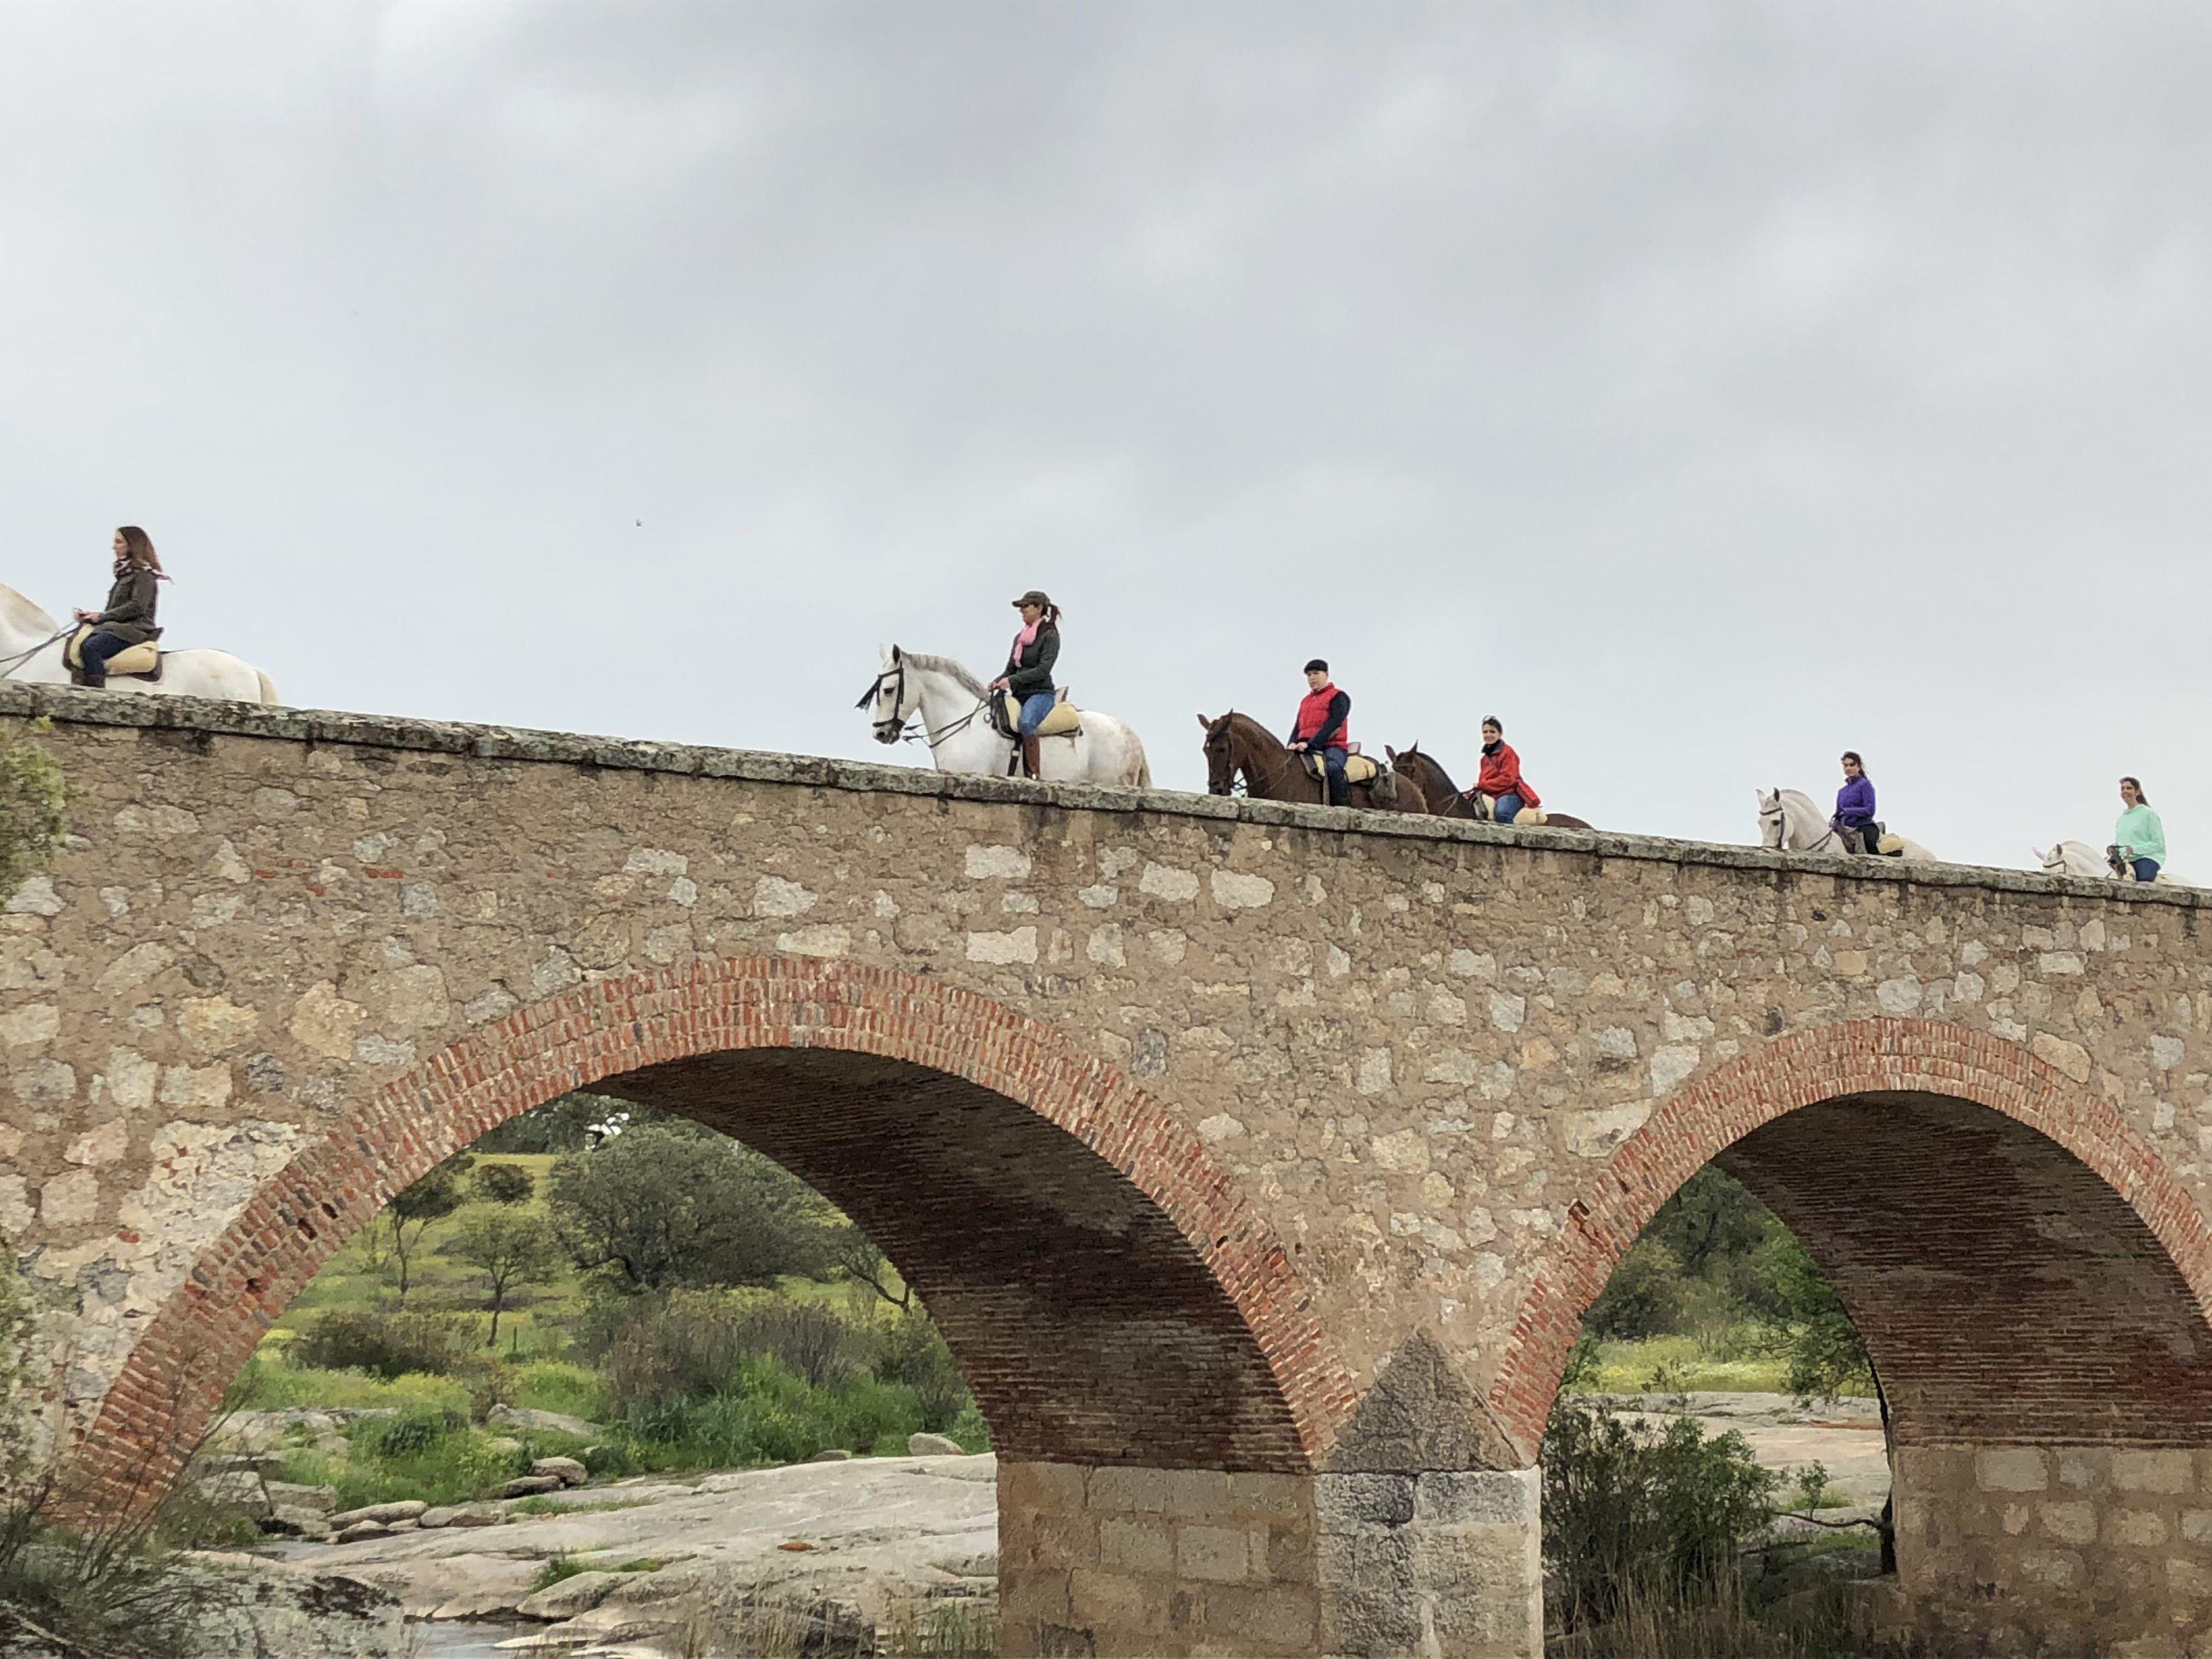 Rutas turísticas  a caballo en Don Benito, Badajoz